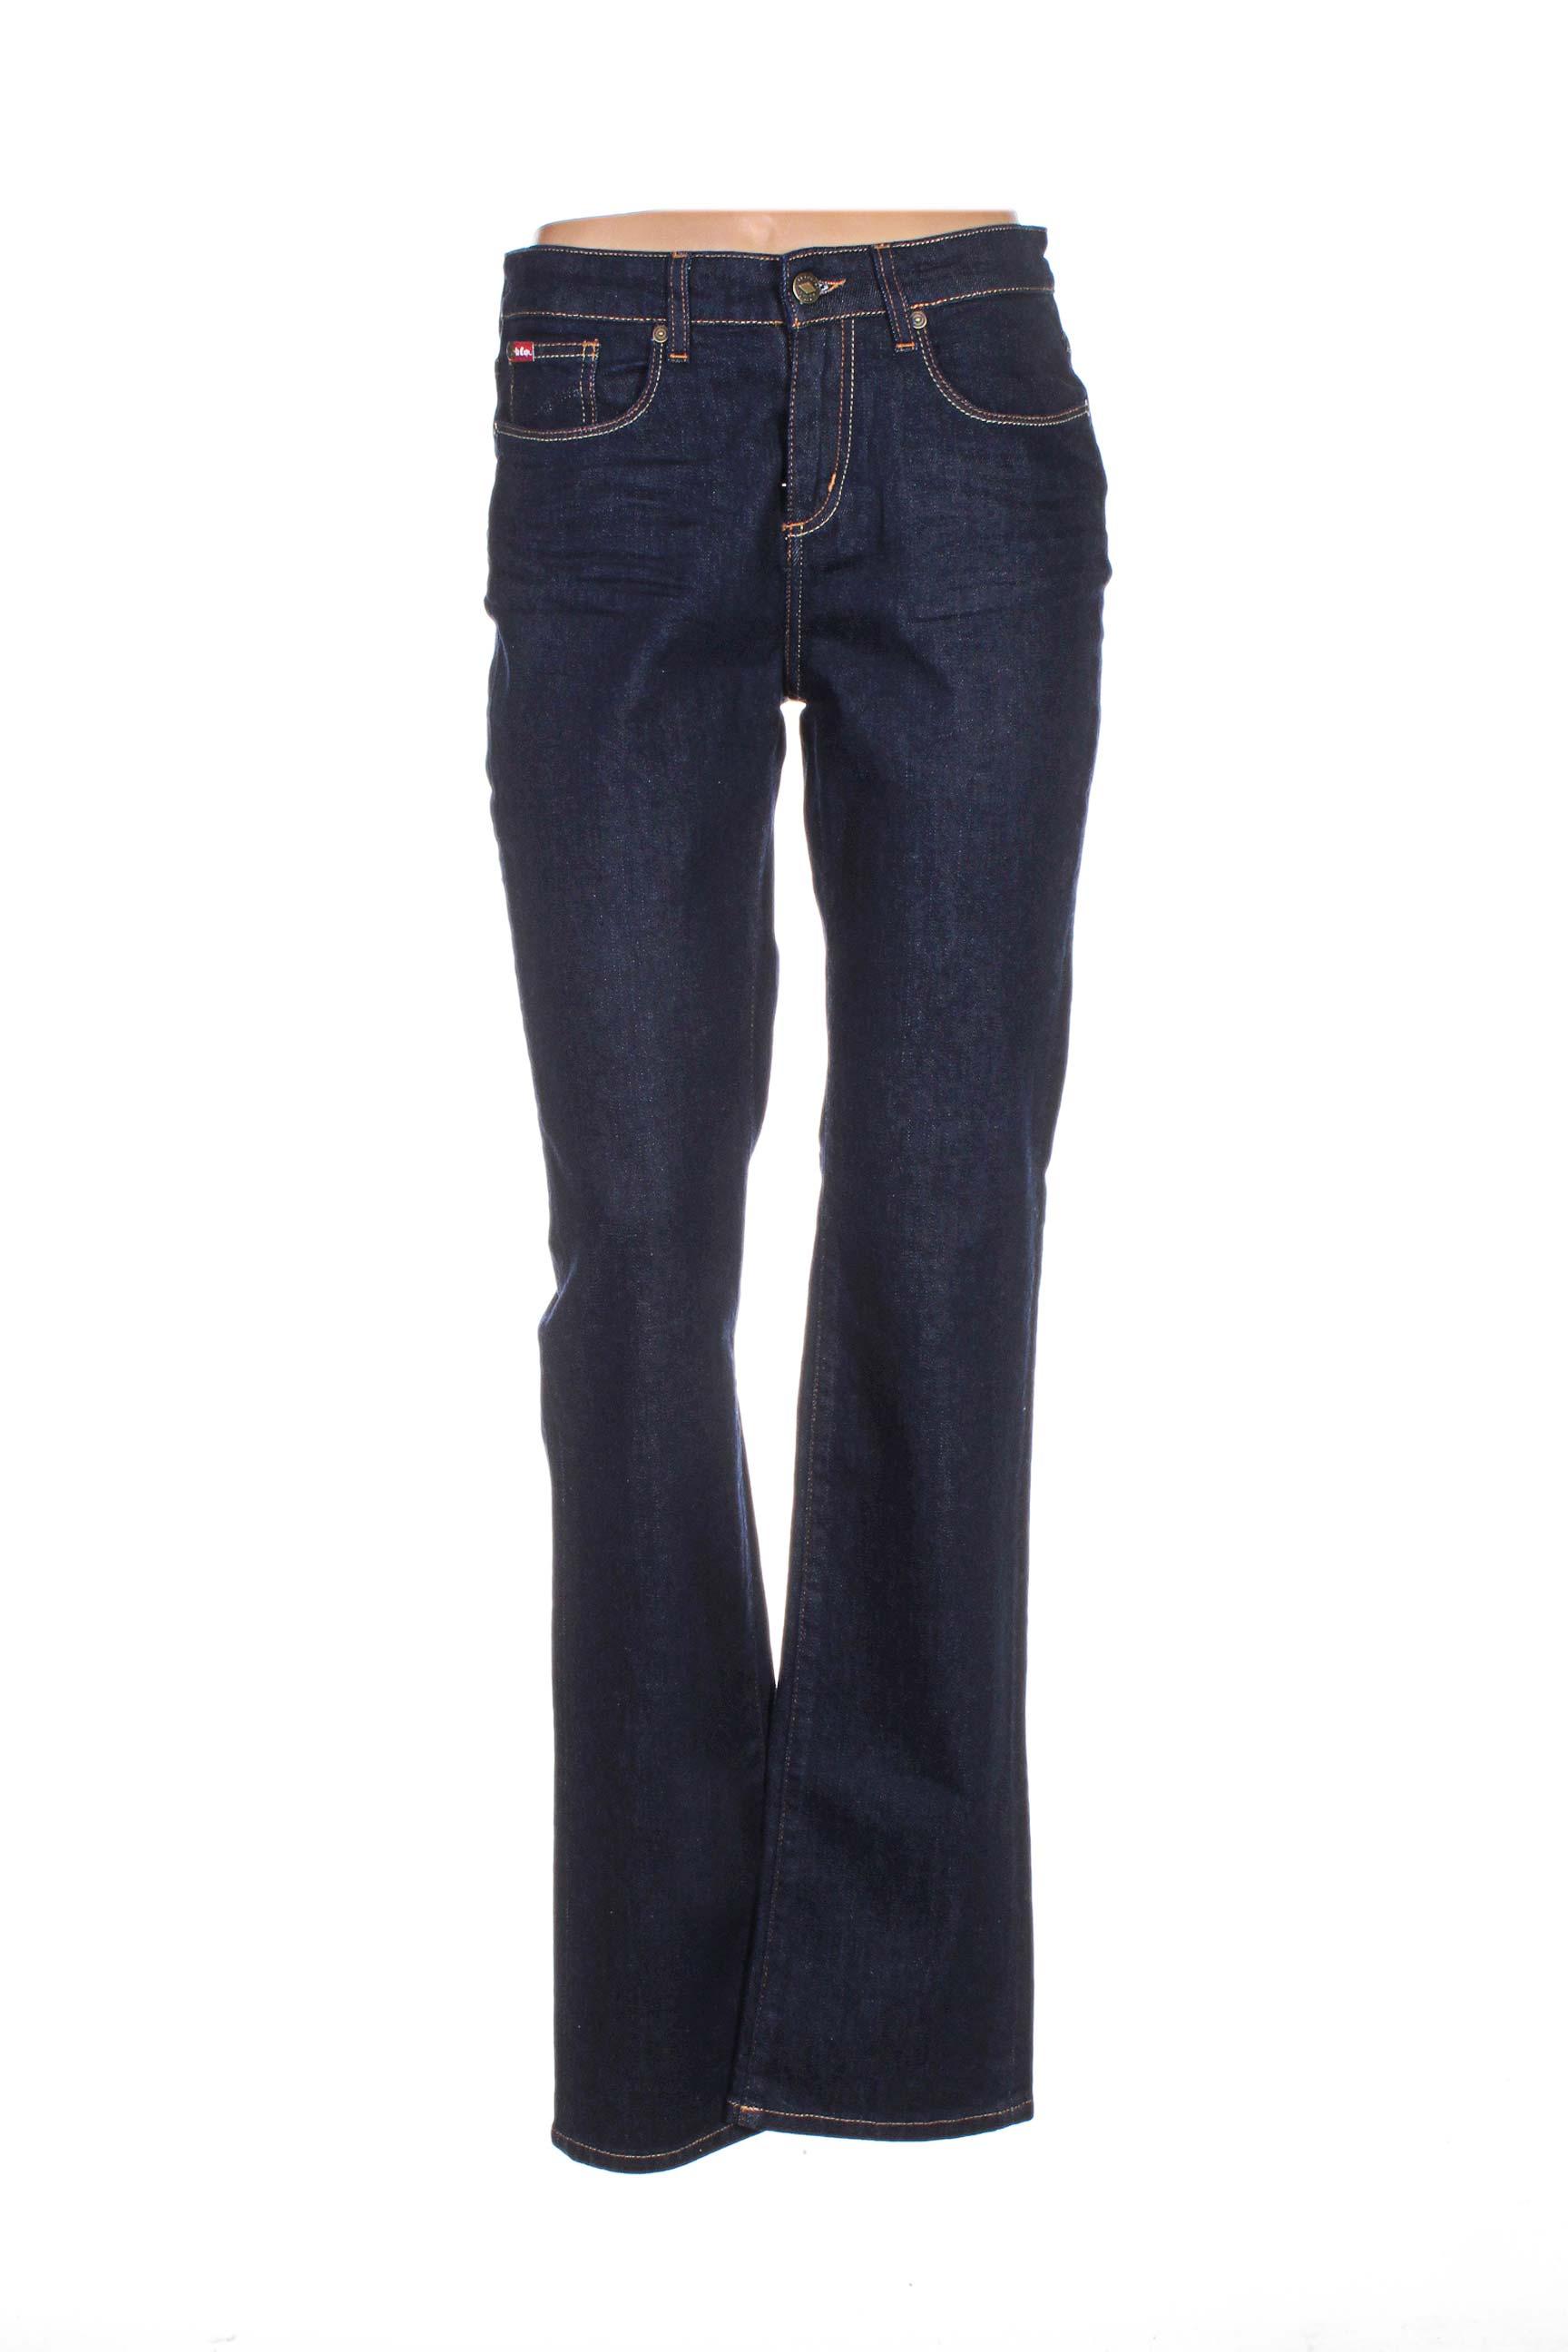 Lee Cooper Jeans Coupe Droite Femme De Couleur Bleu En Soldes Pas Cher 1103331-bleu00 - Modz